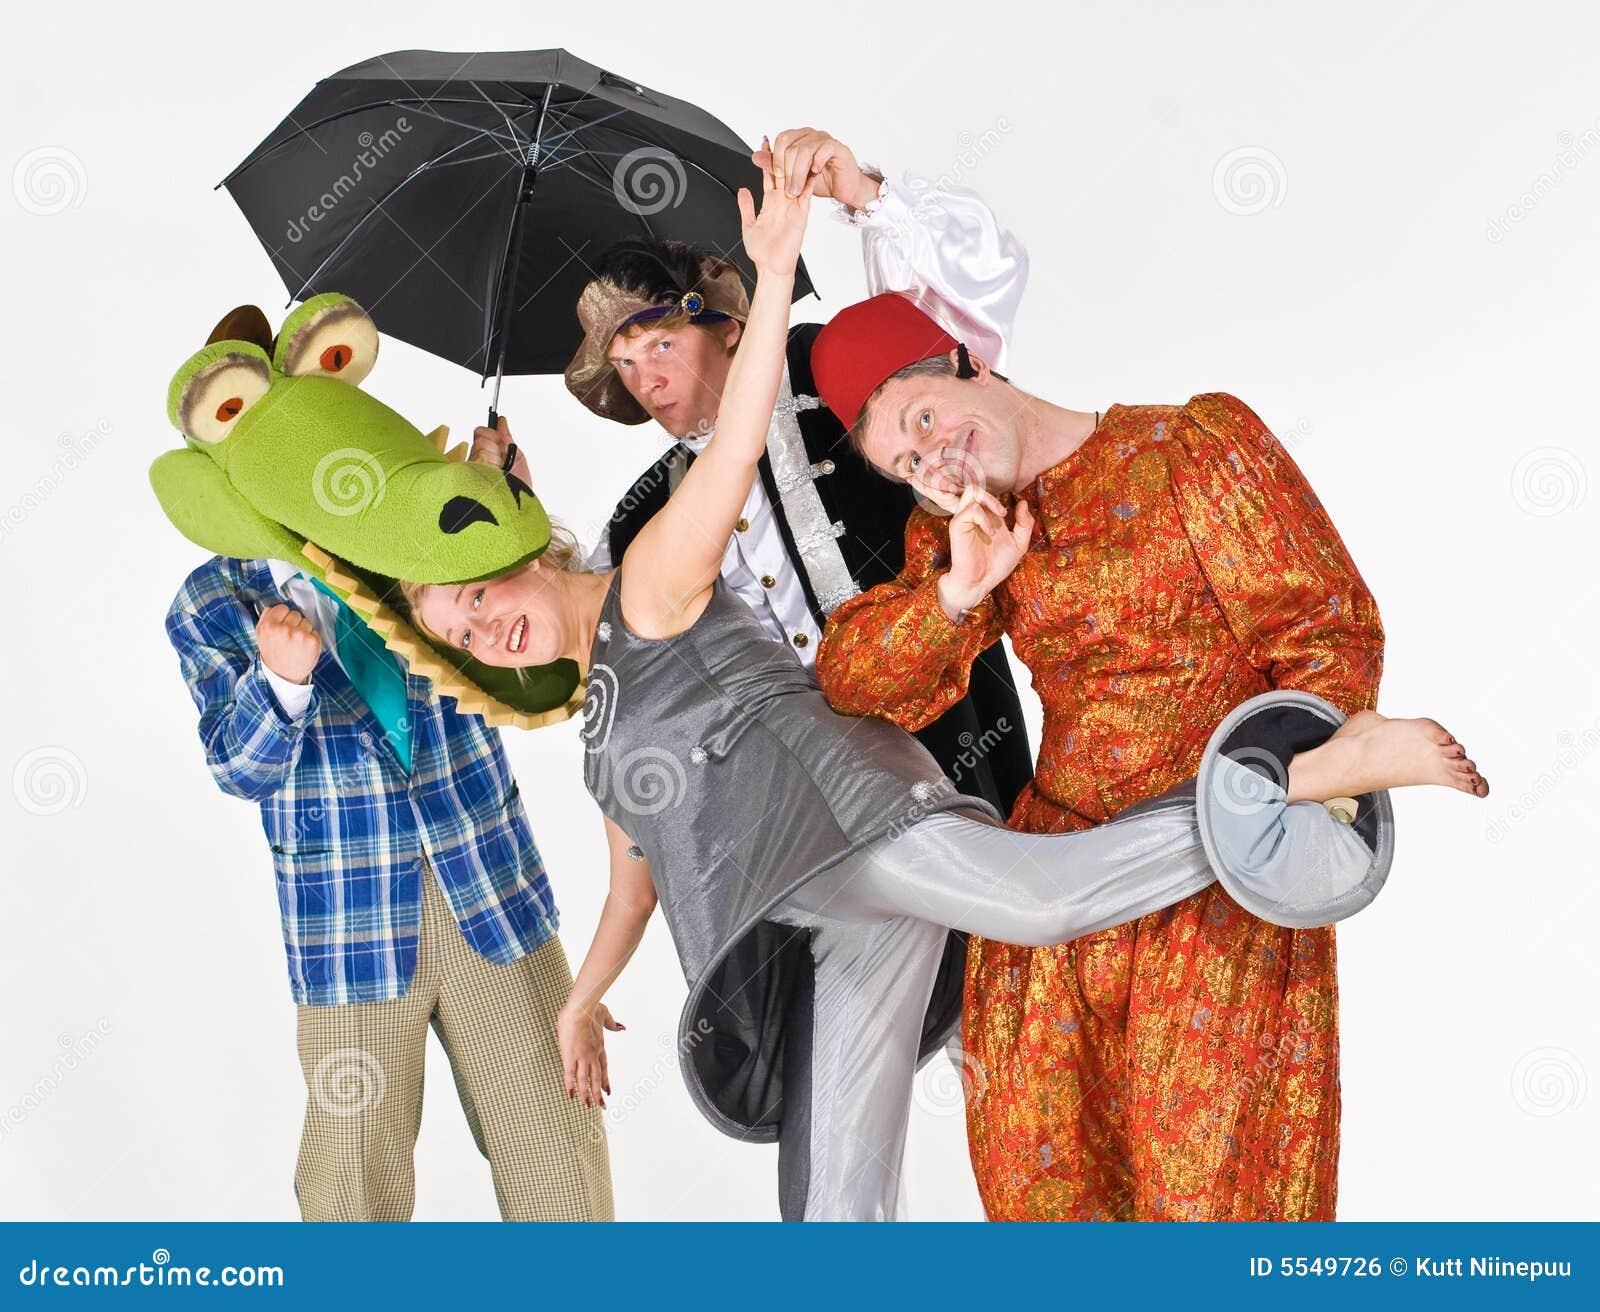 Attori teatrali in costume